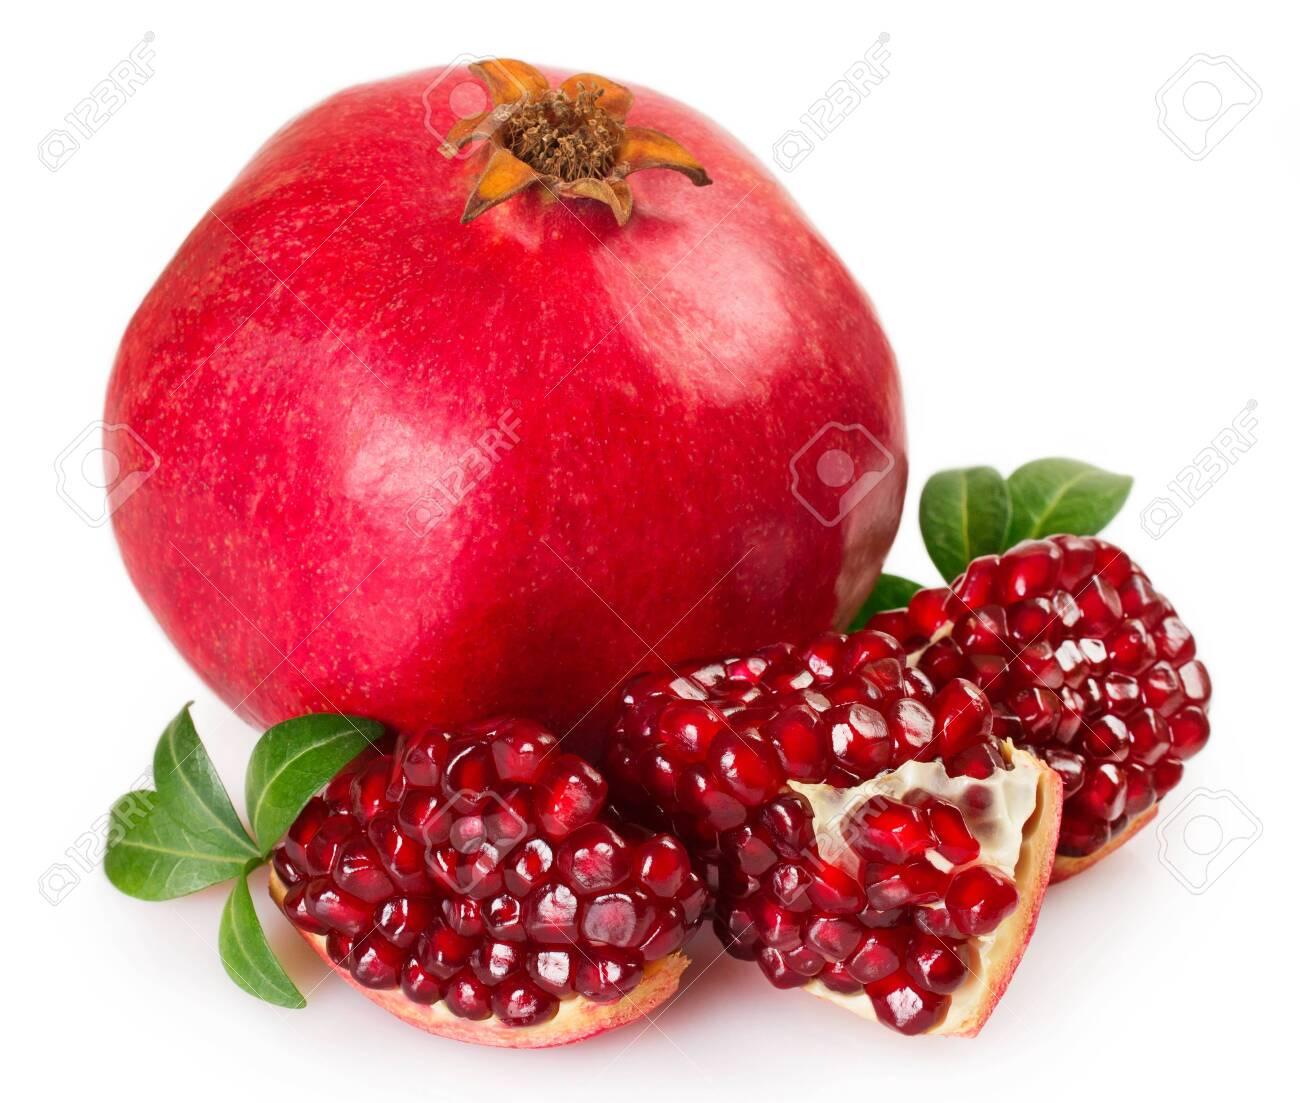 fresh pomegranate isolated on white background - 125588864